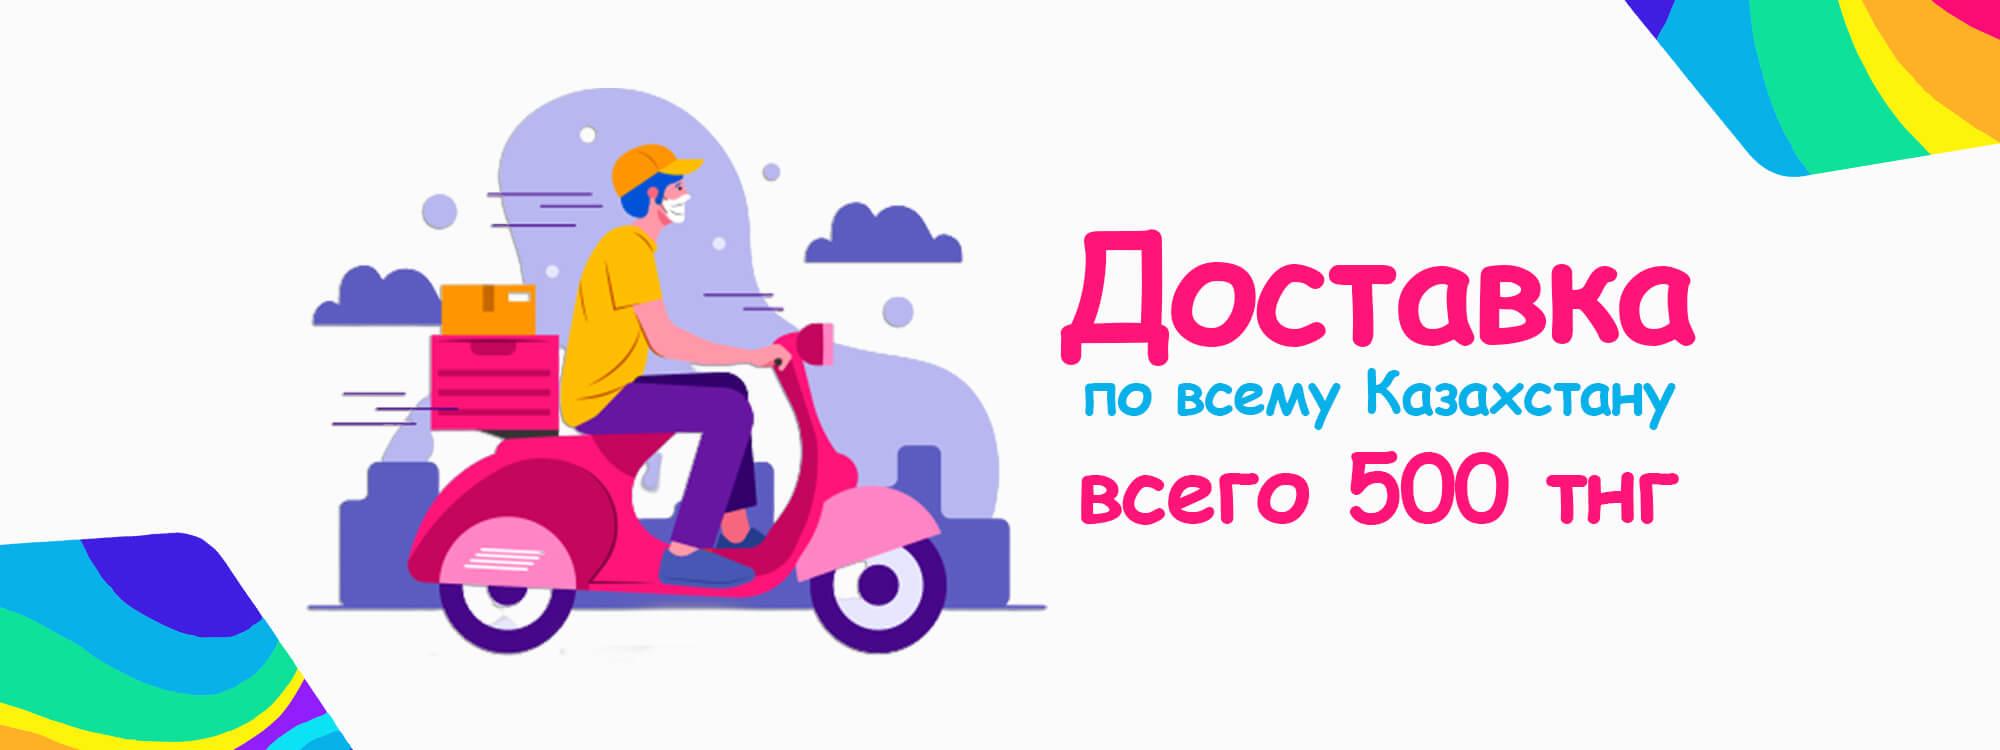 Интернет магазин косметики в Алматы